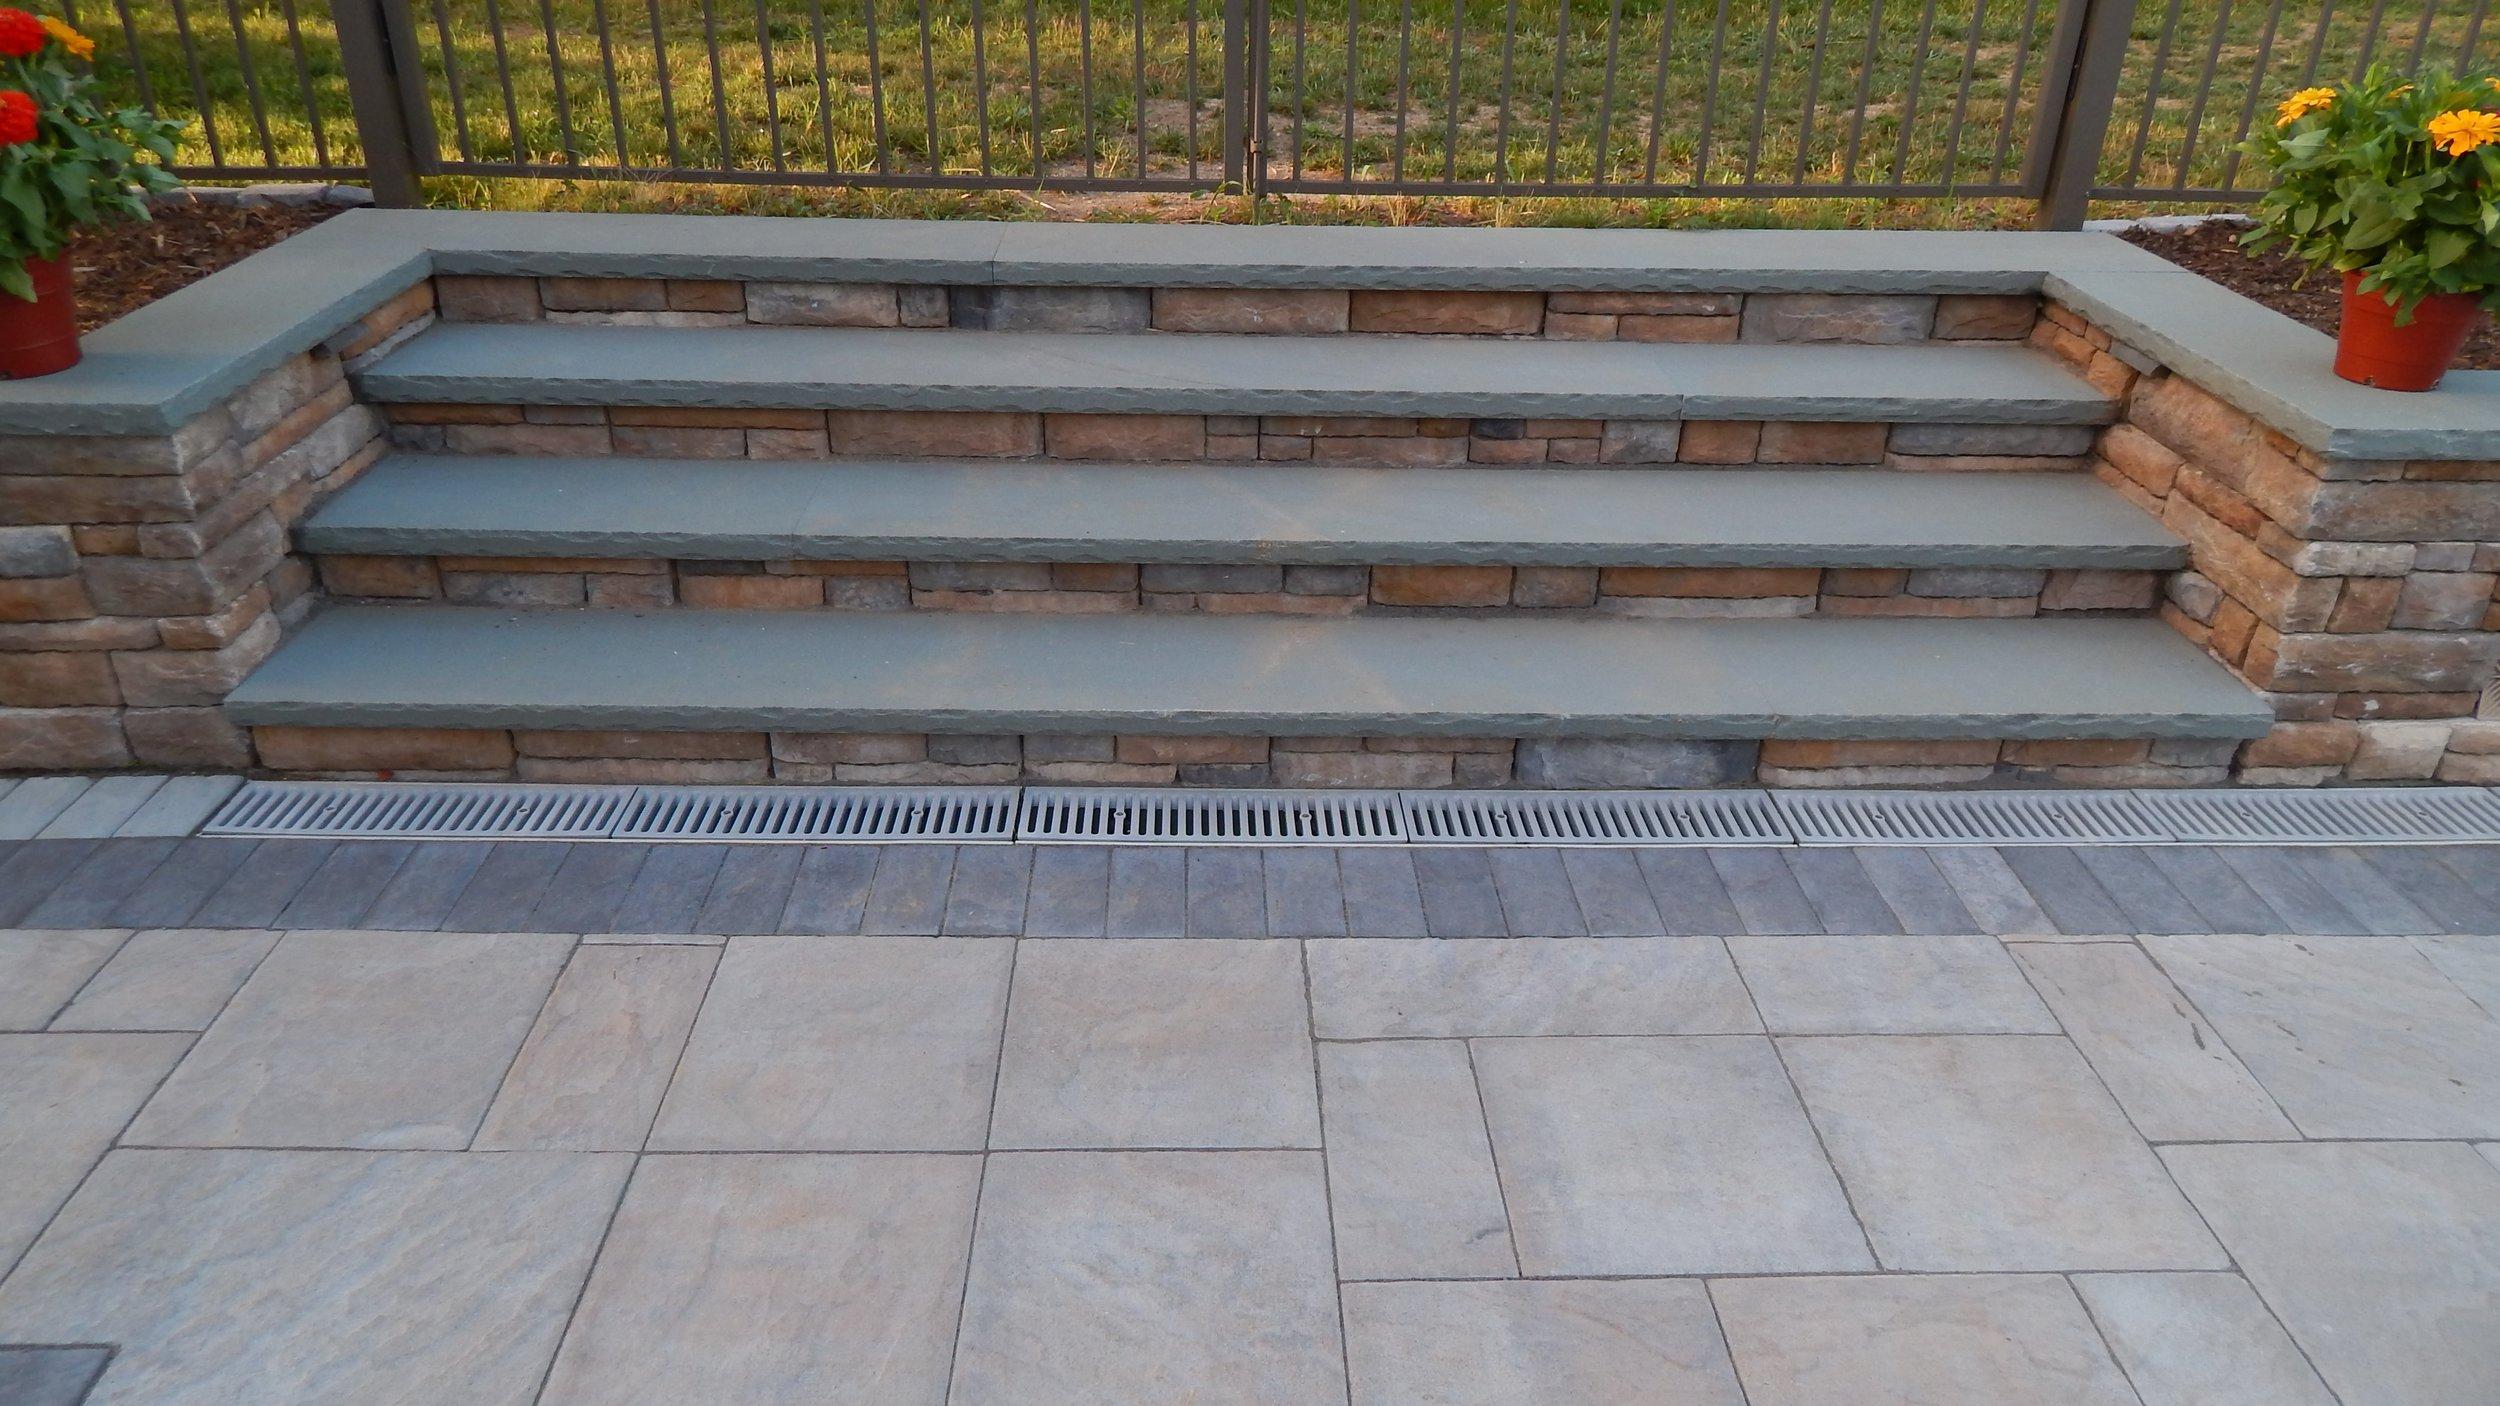 Dry Laid Stairs 2018 (2).JPG